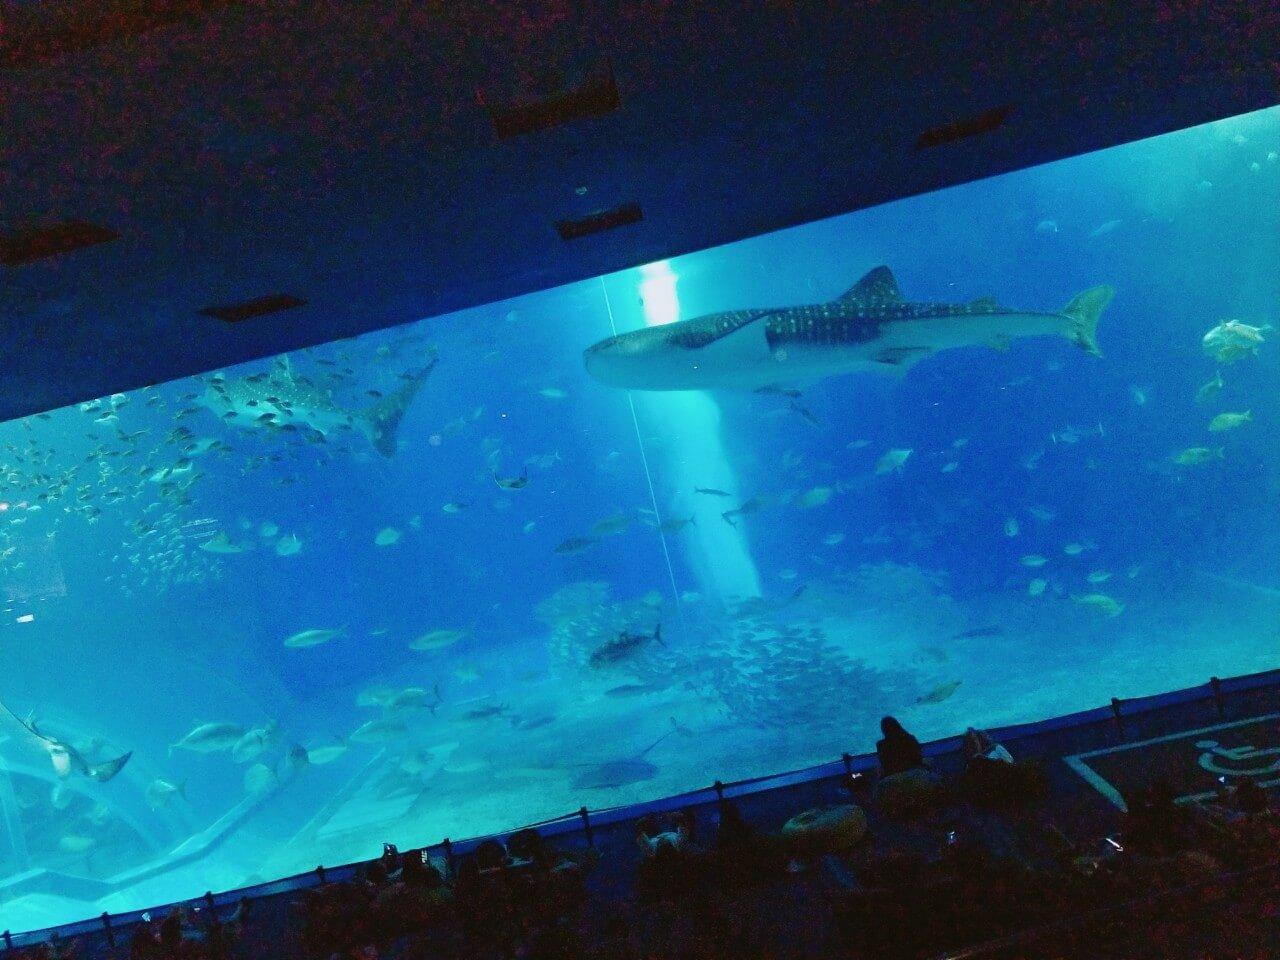 黒潮の海:ナイトアクアリウム:美ら海水族館: